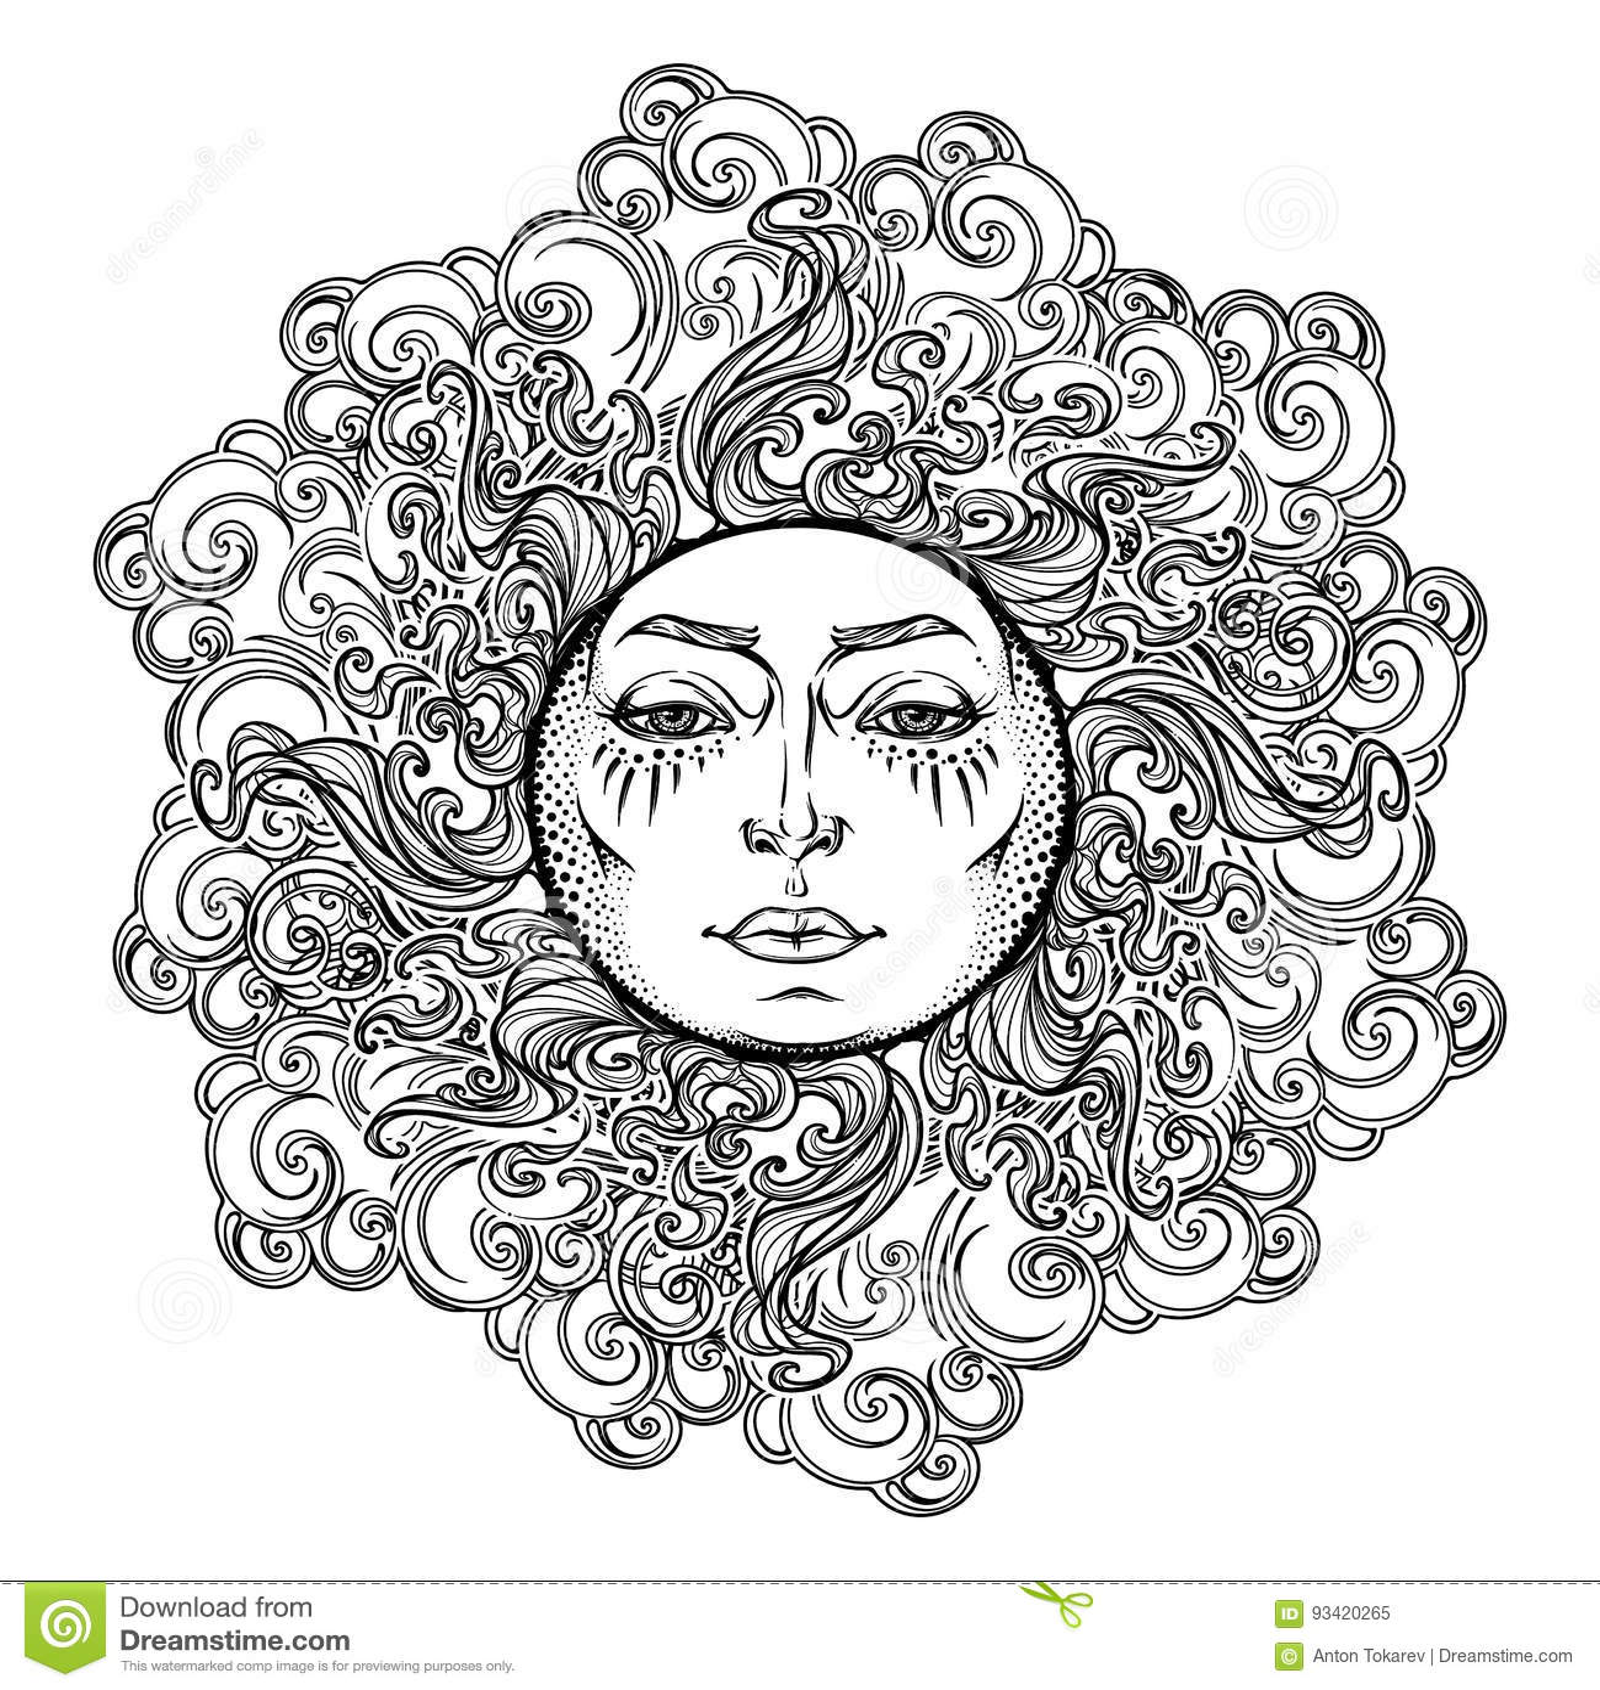 tatouage de mandala le soleil de style de conte de f es avec un visage humain entour par les. Black Bedroom Furniture Sets. Home Design Ideas